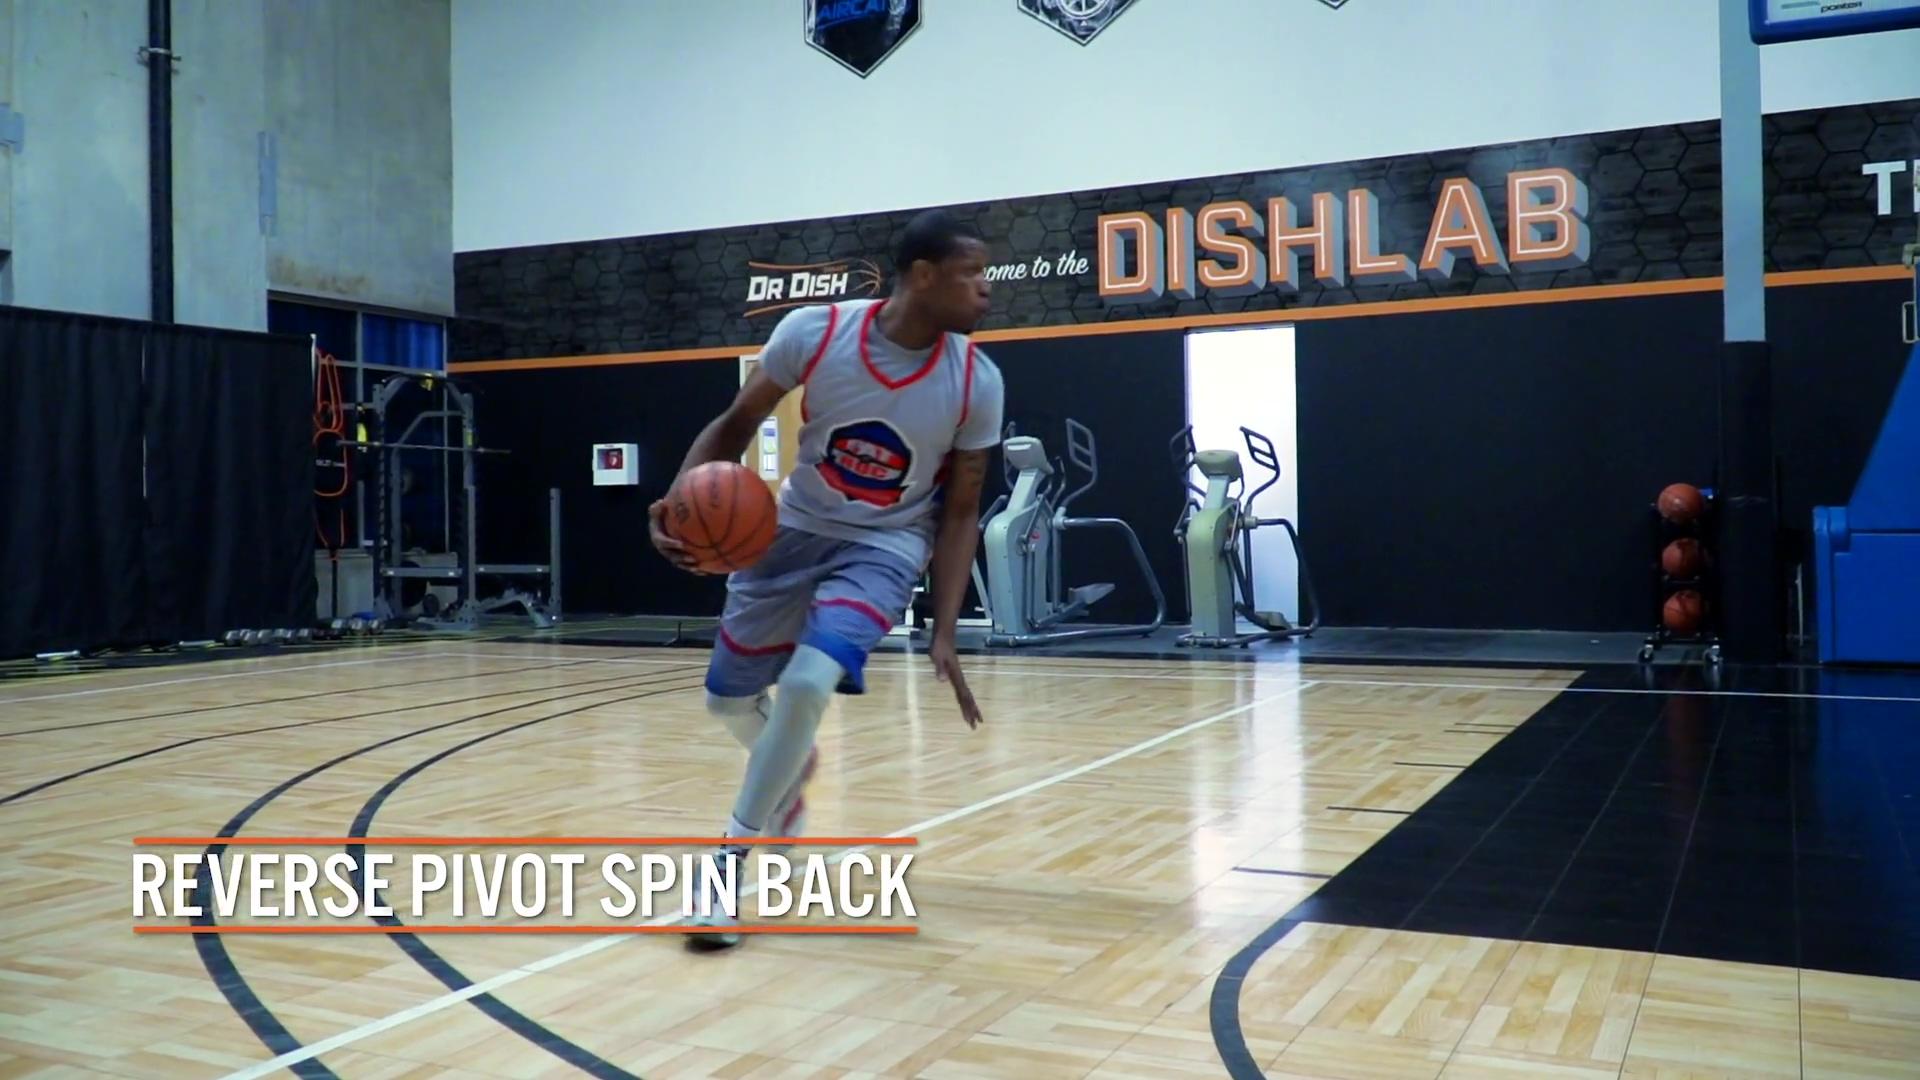 PTR - Spin Back - VC